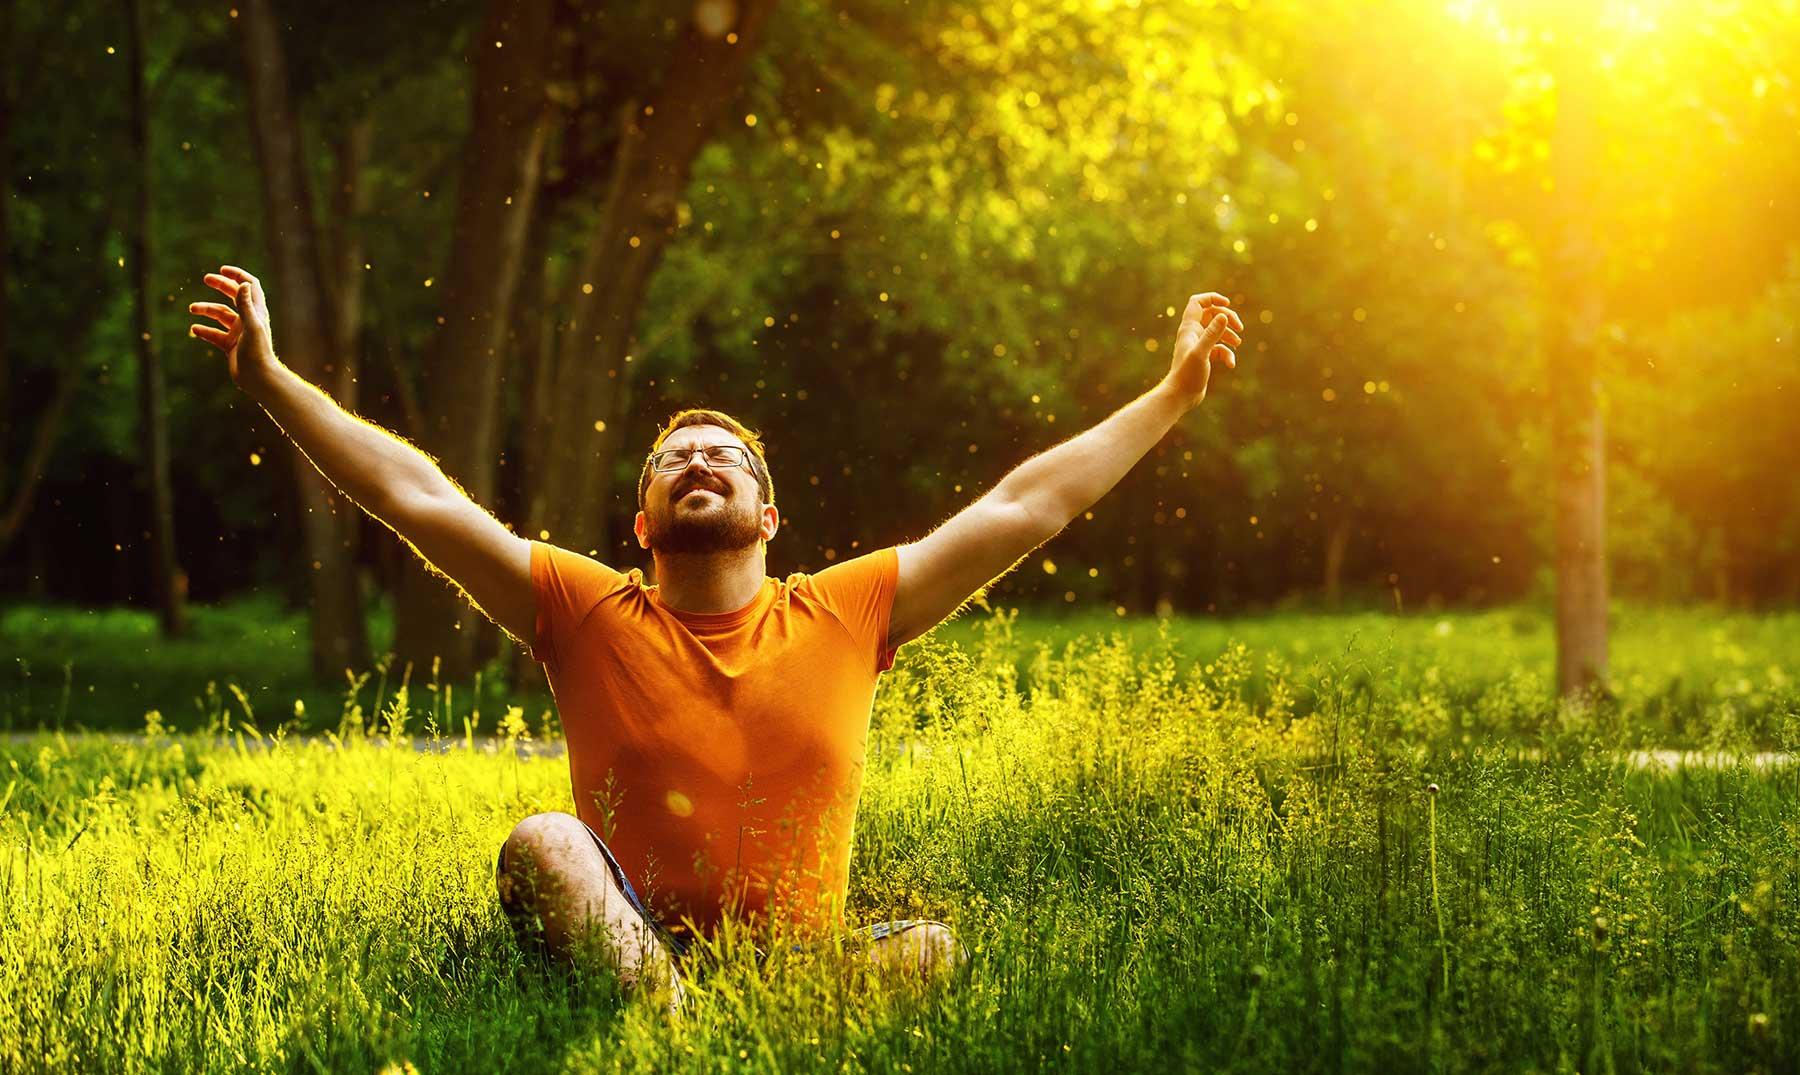 100 Frases de Alegría | Las mejores para sentirte bien ... - photo#25